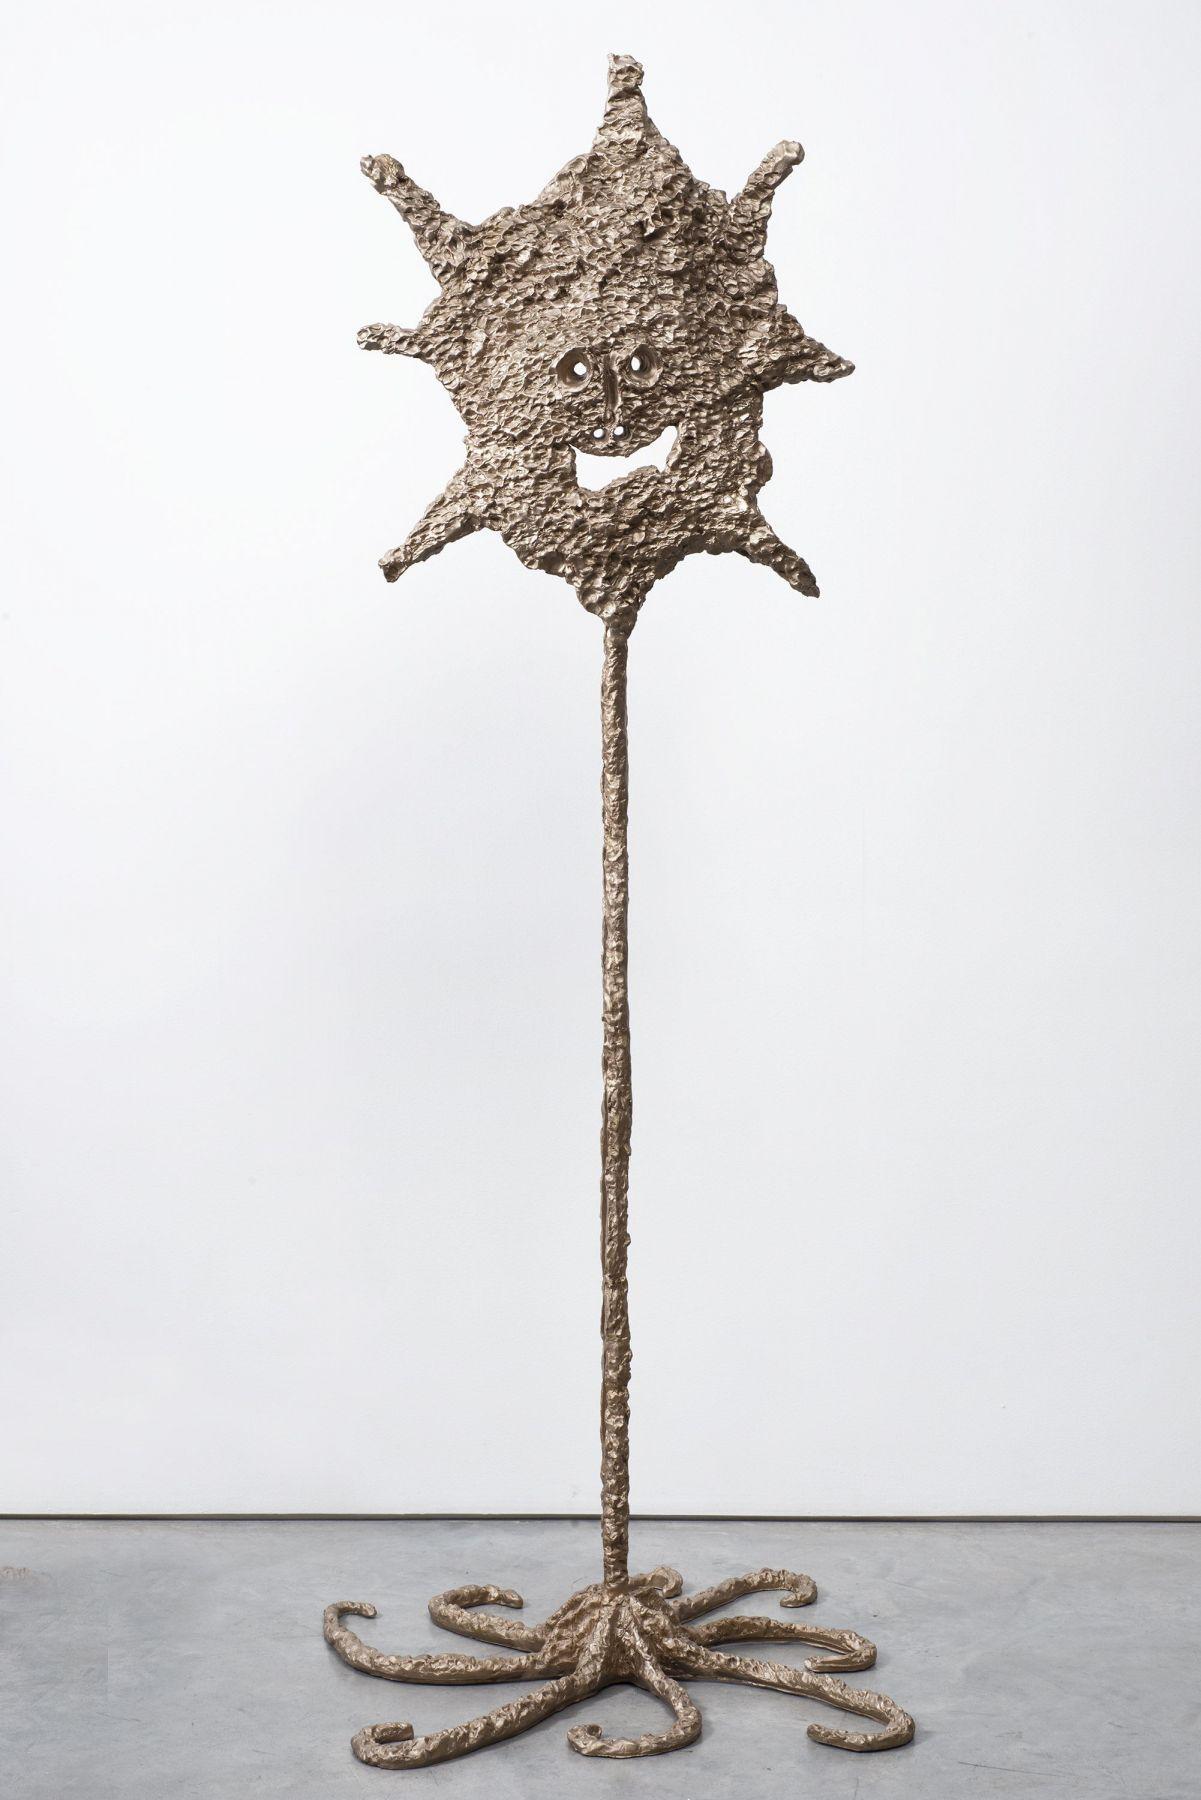 a bronze sculpture of a starfish by ceramic sculptor william j. o'brien